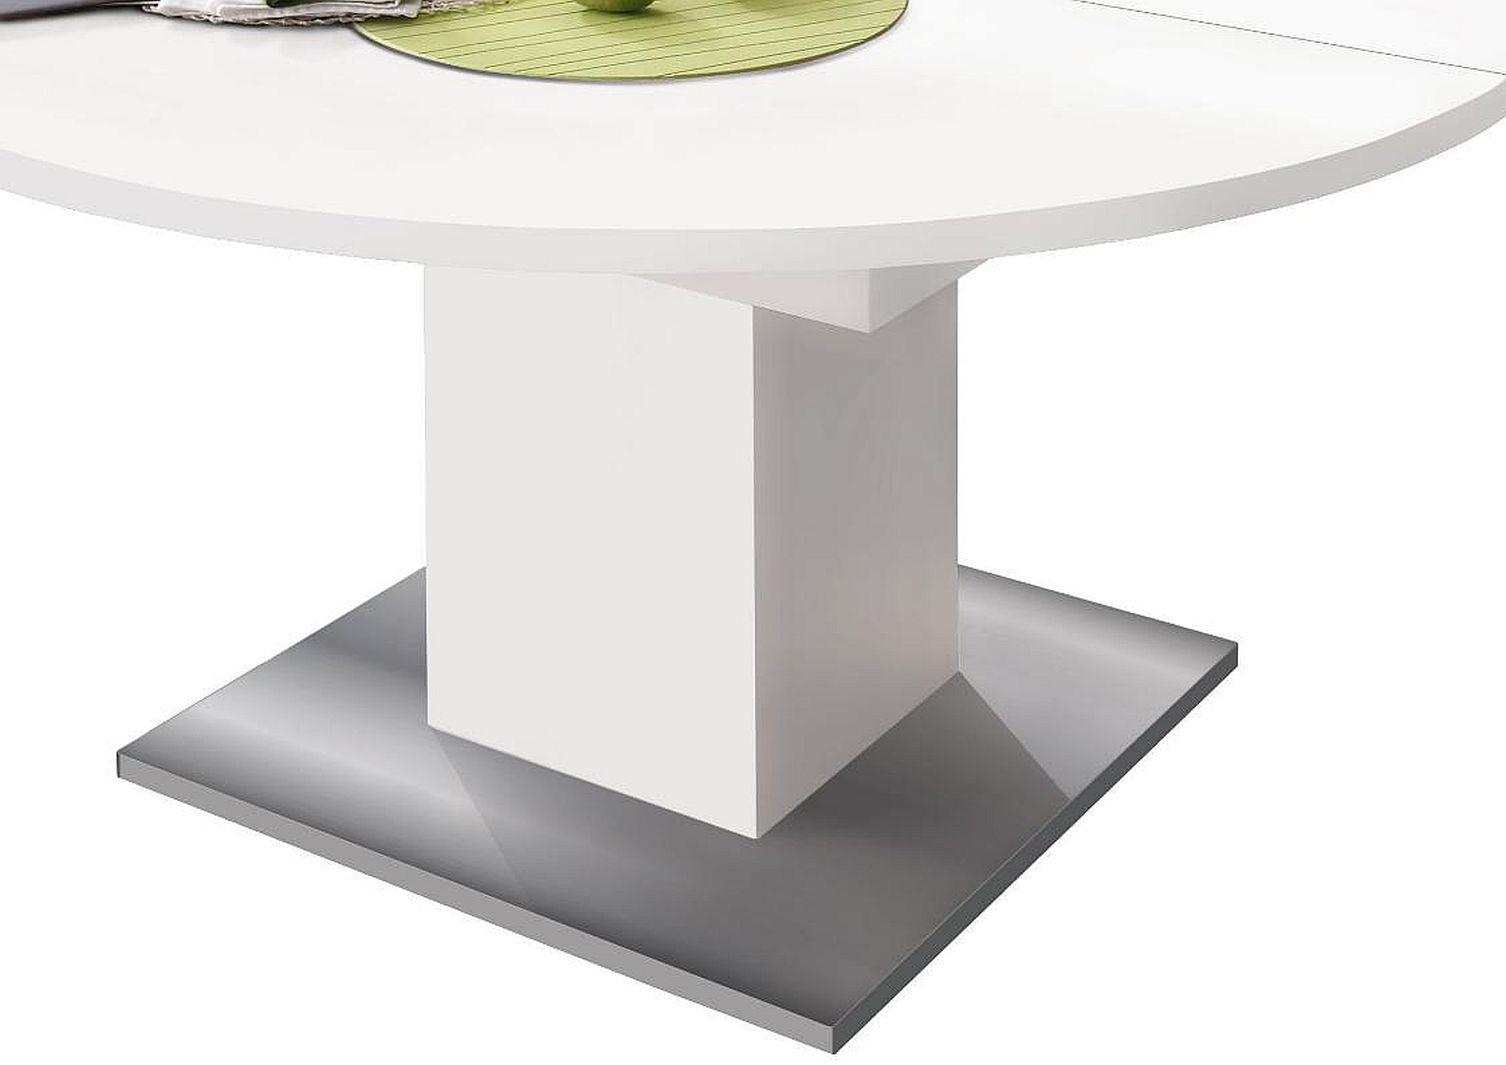 esstisch rund 0588 120 weiss matt edelstahloptik online kaufen. Black Bedroom Furniture Sets. Home Design Ideas